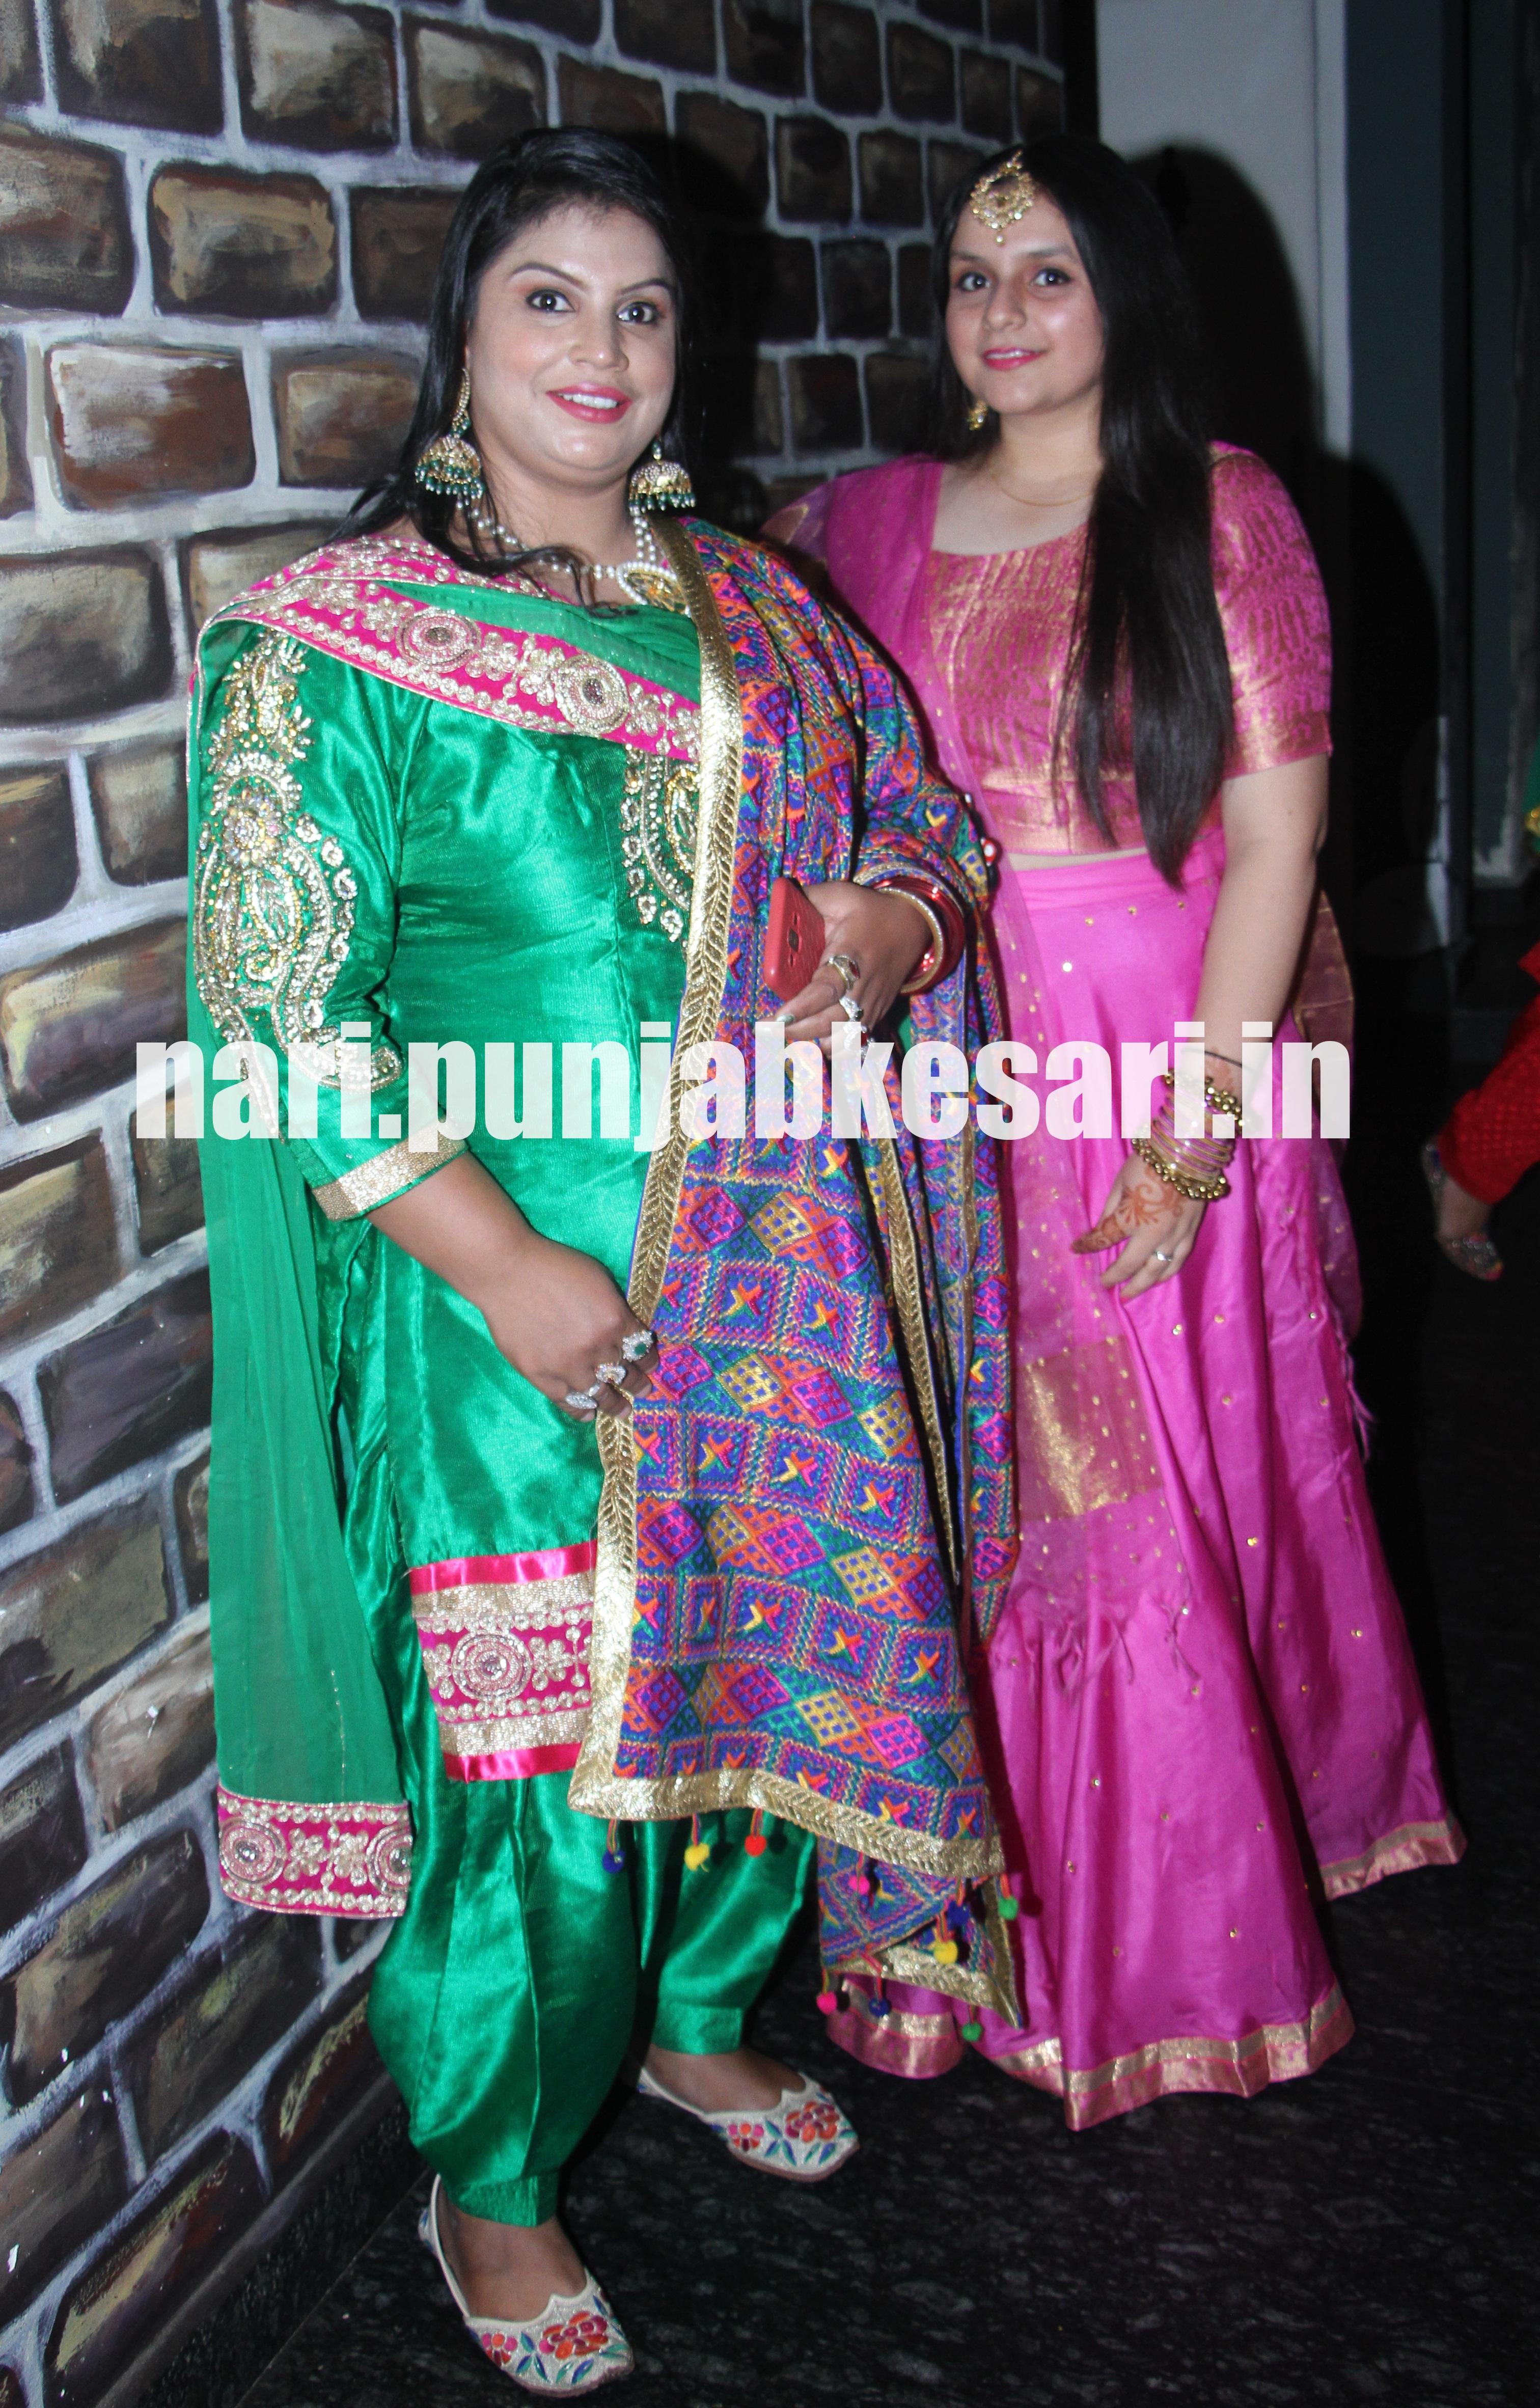 PunjabKesari, Teez event jalandhar, Nari